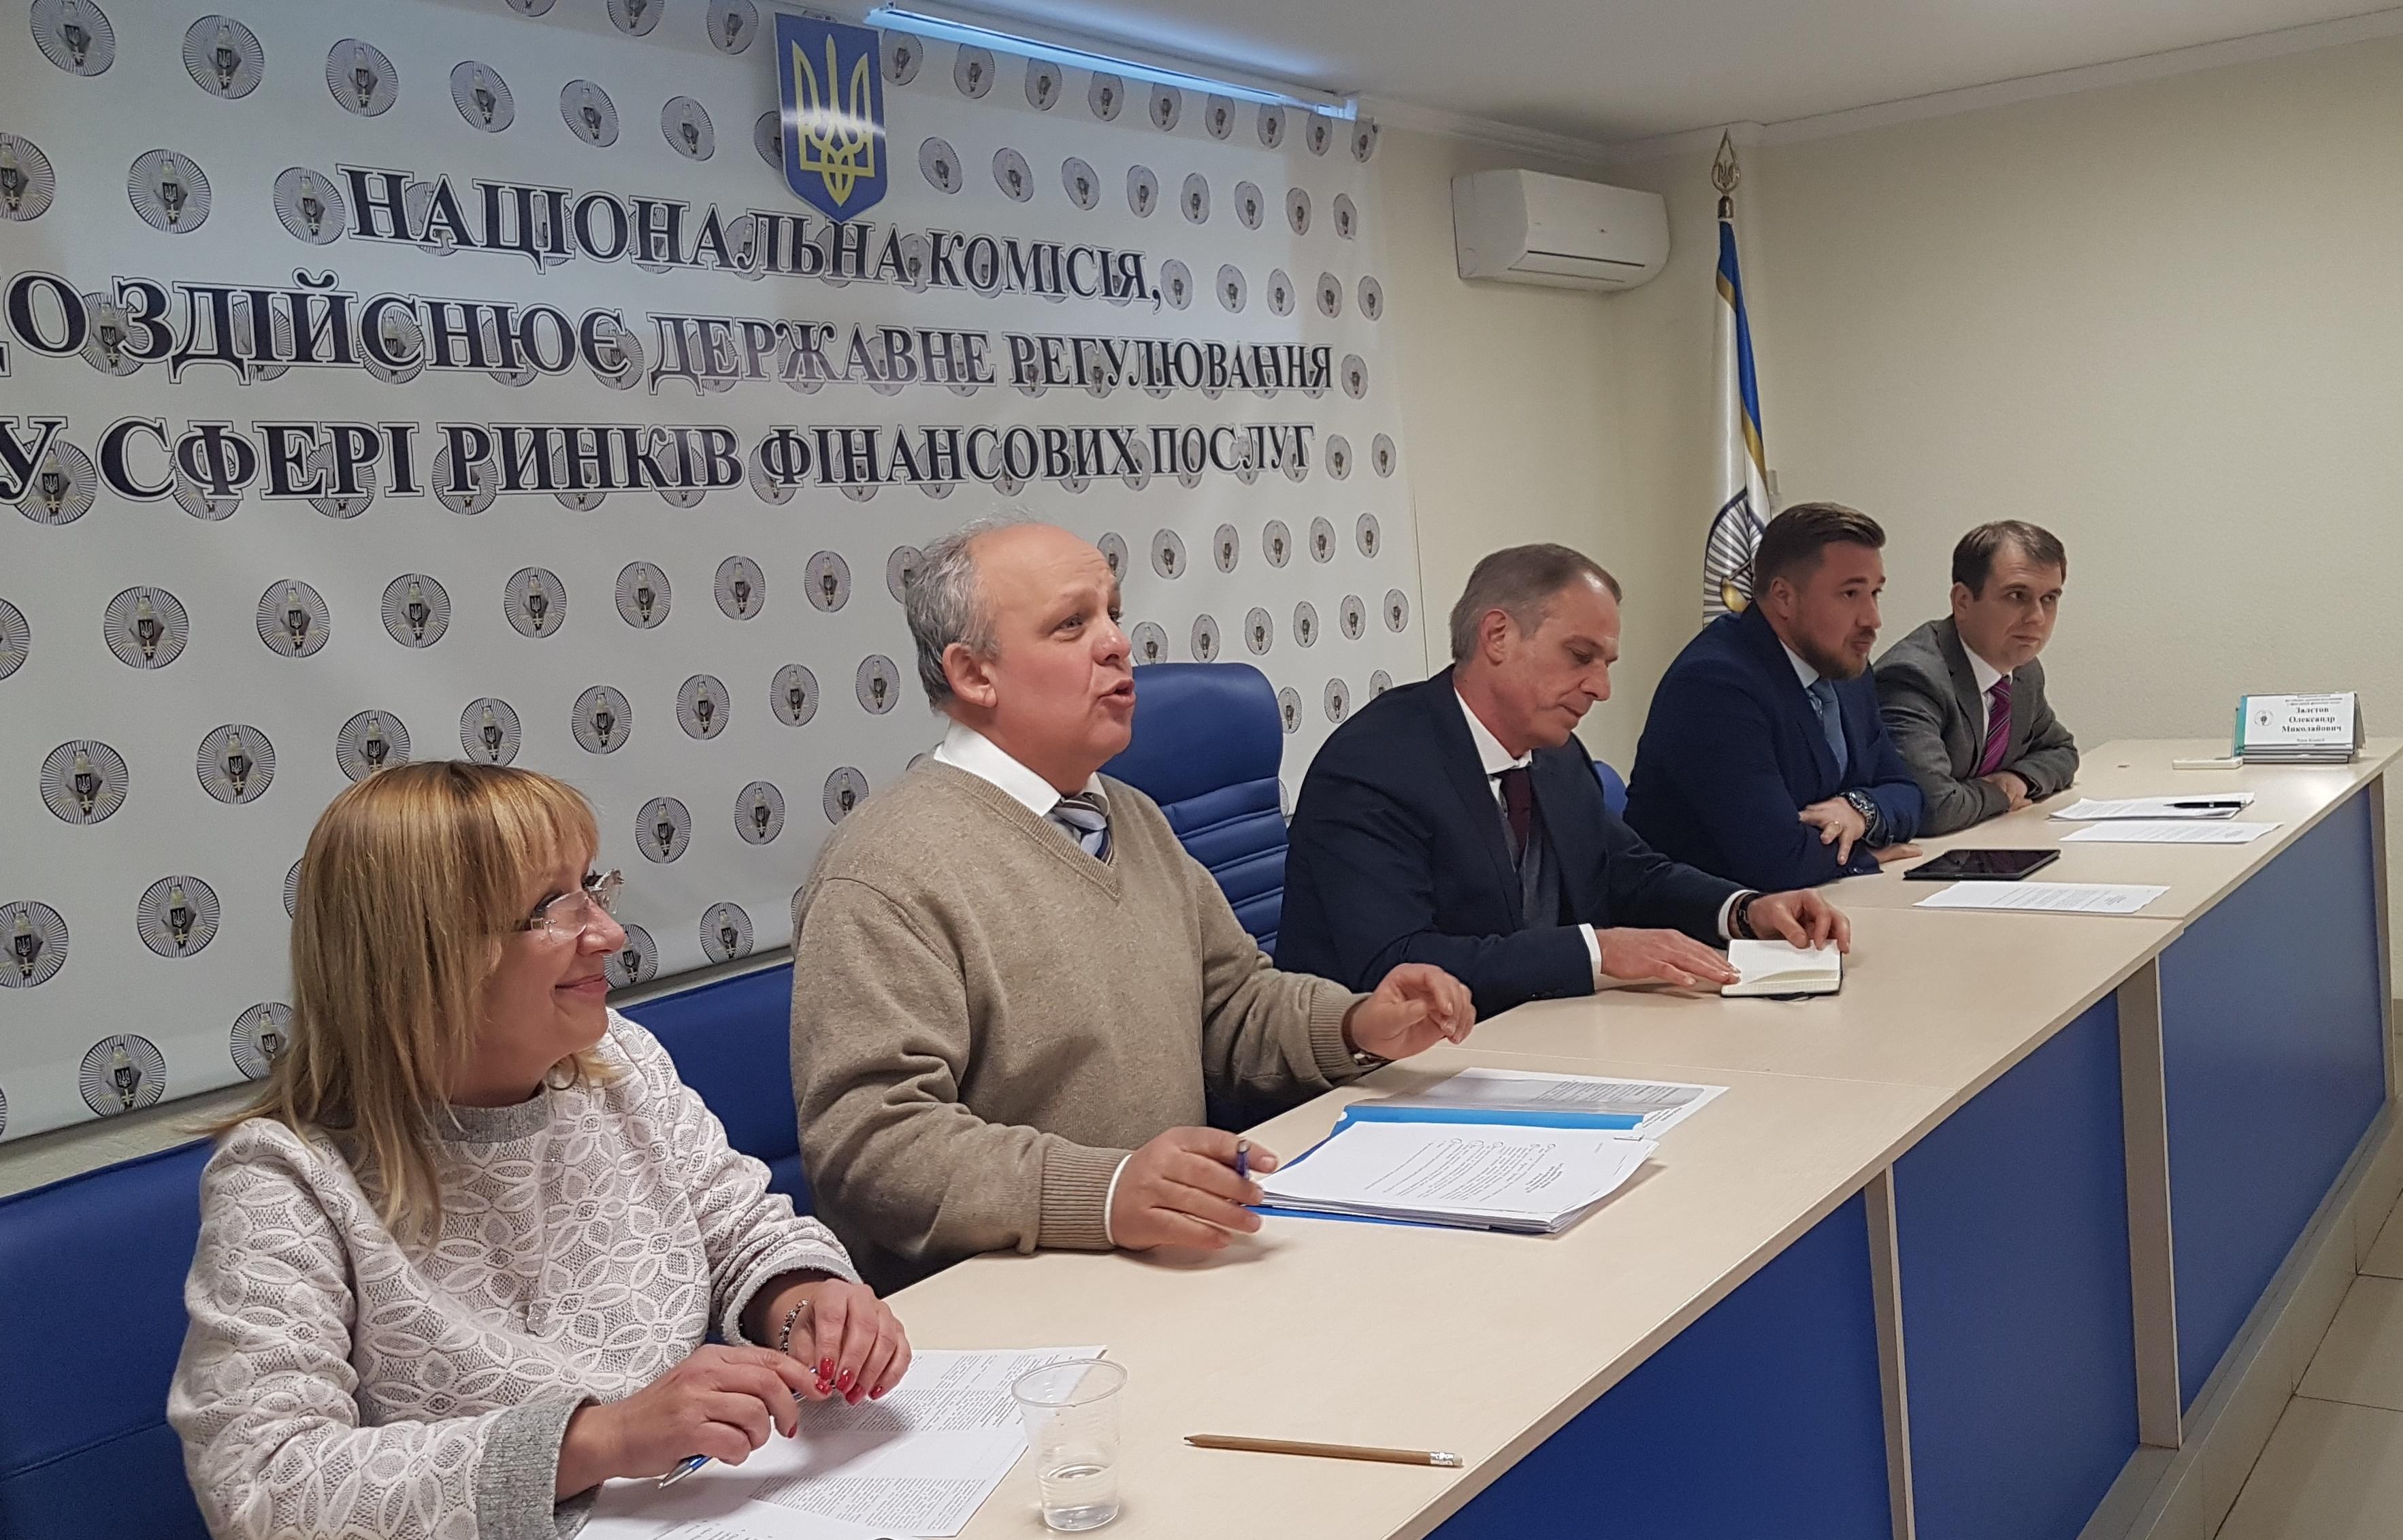 Реформа небанковского сектора финансового рынка предполагает ликвидацию Нацкомфинуслуг